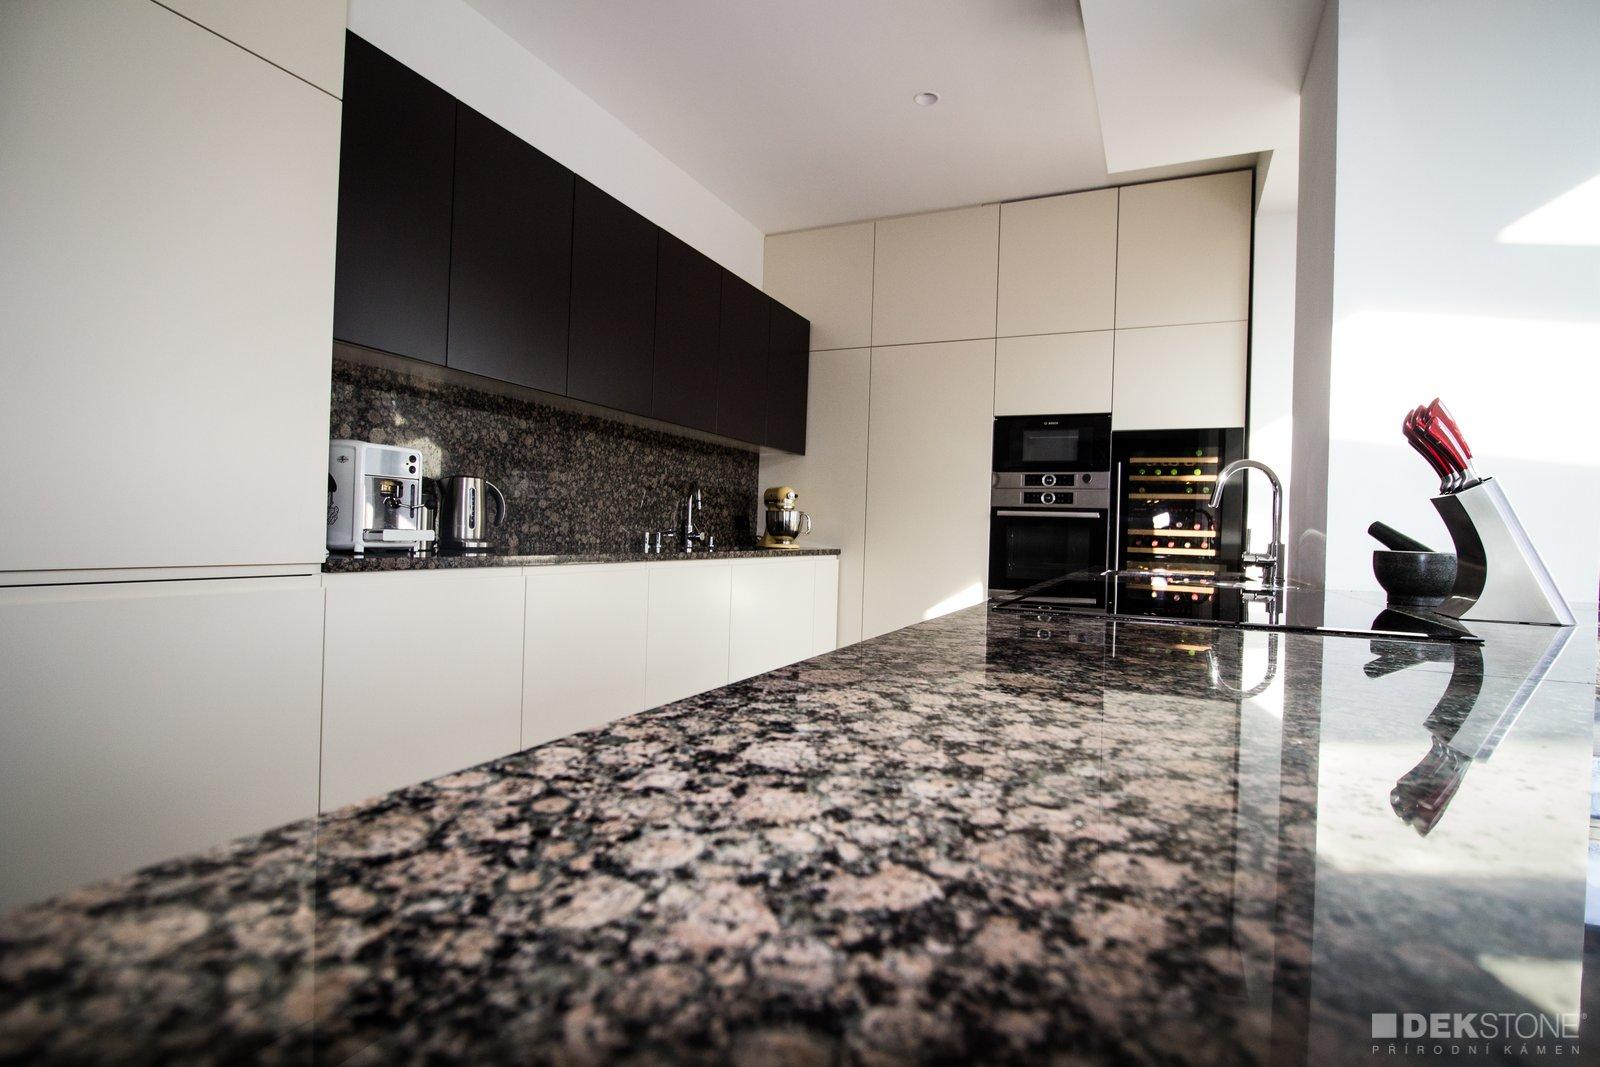 Kamenná pracovní deska a obklad v kuchyni slide 0